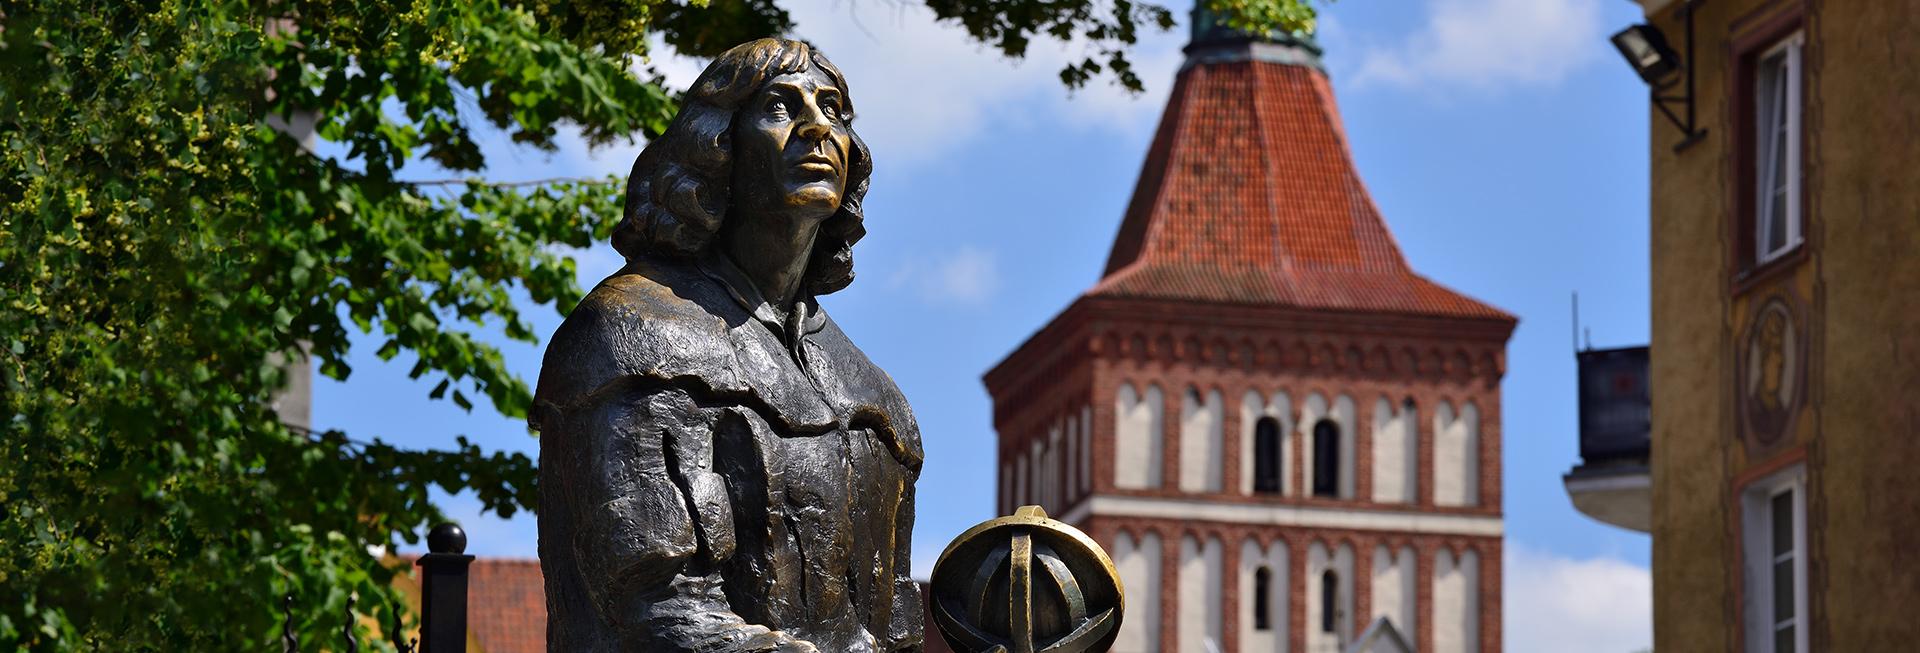 Zdjęcie przedstawia pomnik z brązu Mikołaja Kopernika, który stoi na olsztyńskim starym mieście.